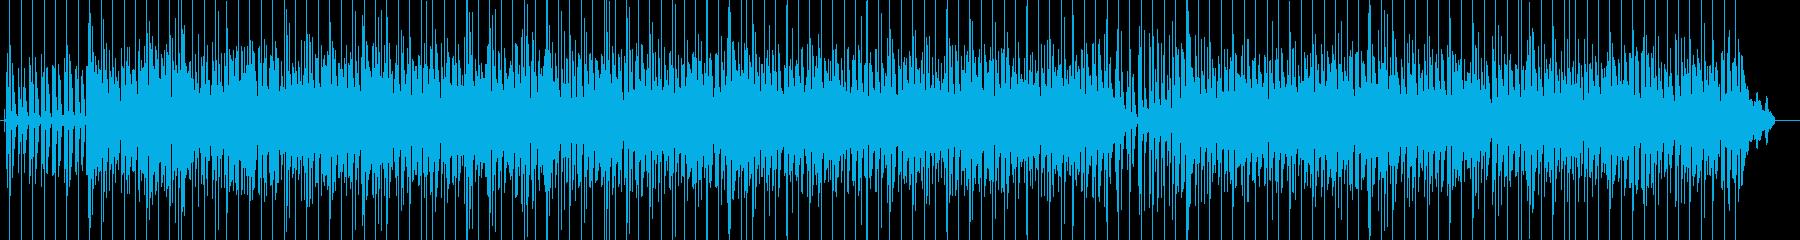 シンプルなレゲエポップ ロックステディの再生済みの波形